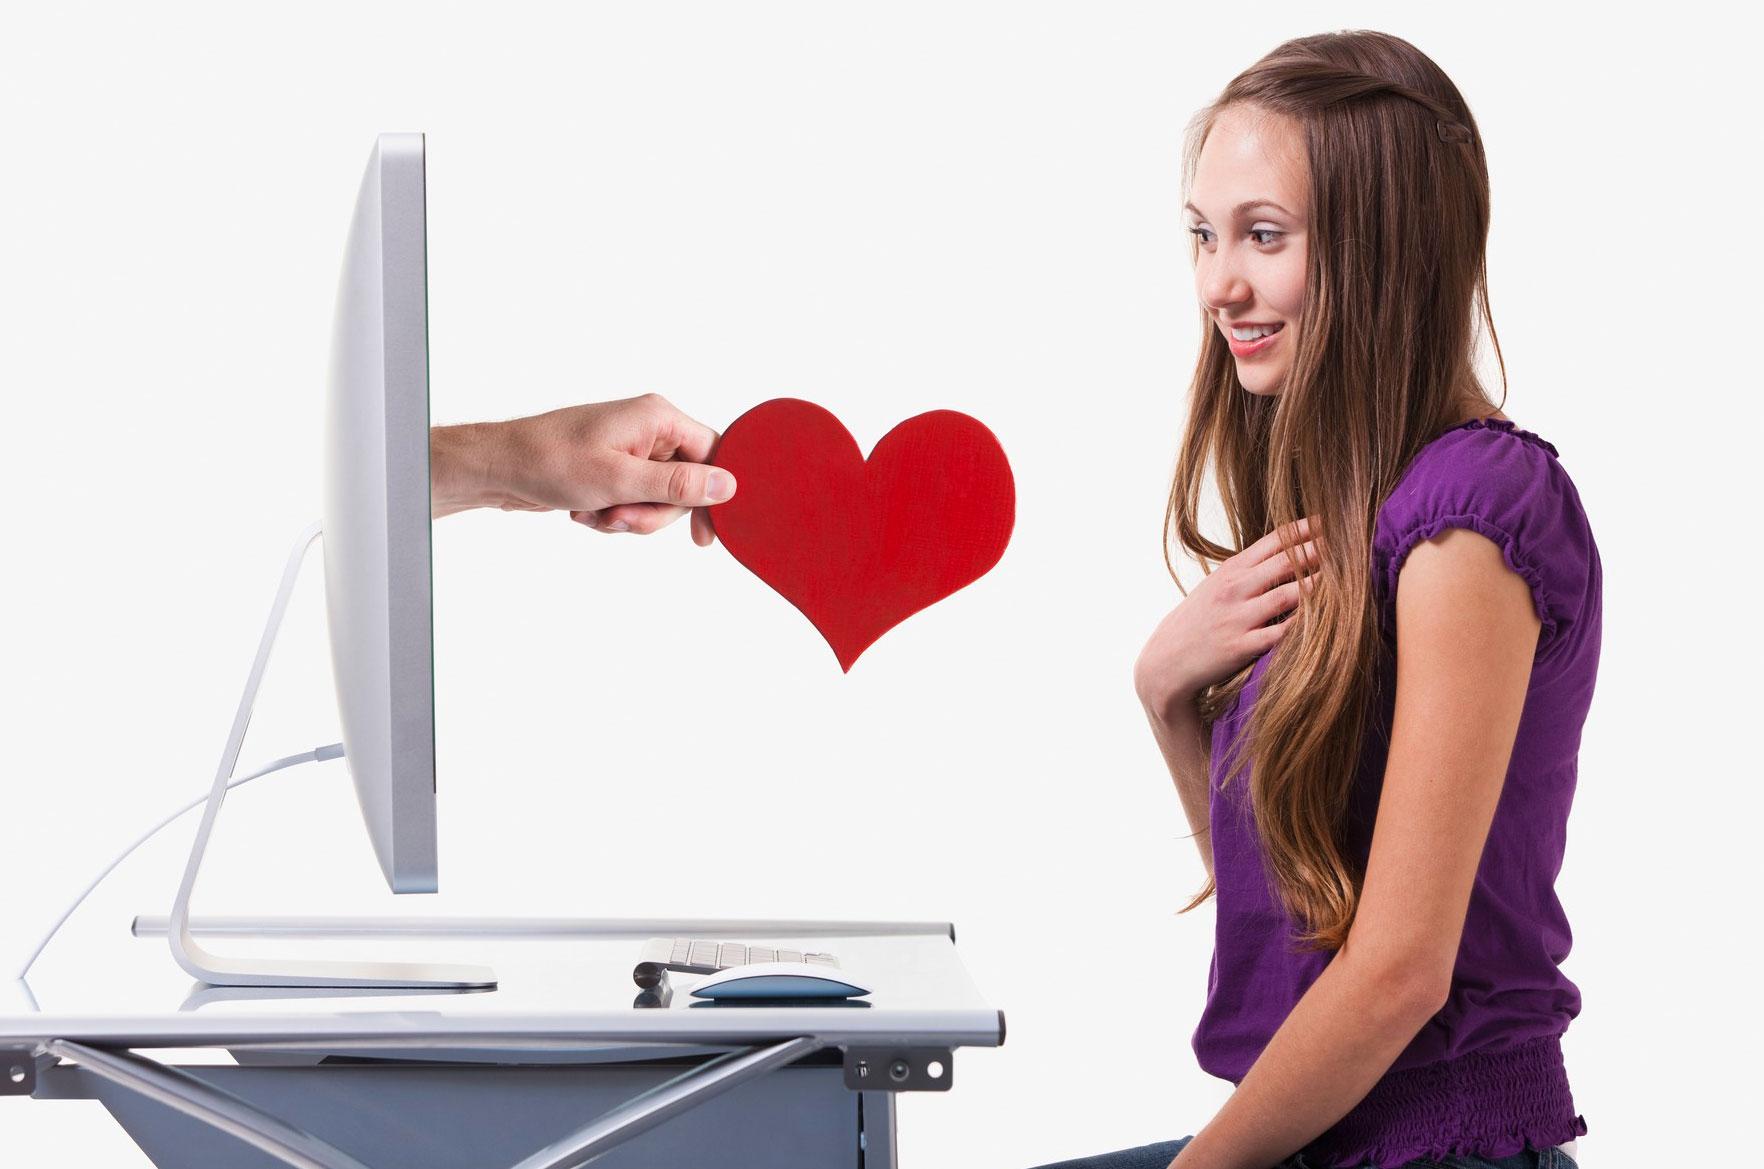 Как найти свою любовь на сайте знакомств?